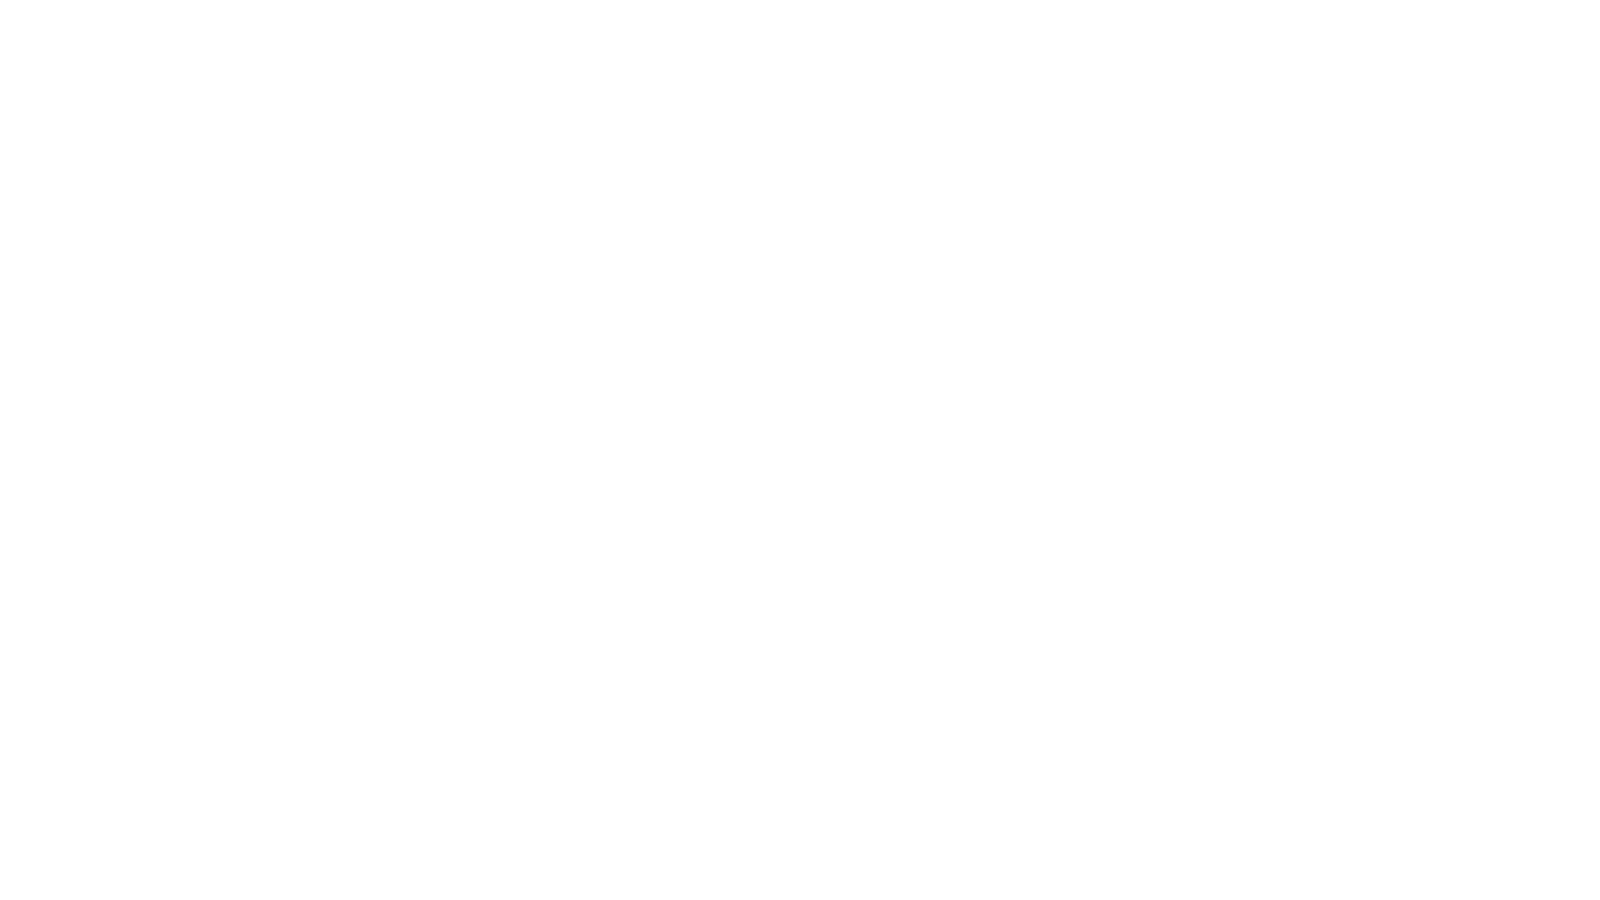 Devi organizzare un evento e cerchi un prestigiatore, allora affidati ad un professionista Francesco La Marca è la scelta giusta per rendere il tuo evento importante! Con un mix di comicità mentalismo ed illusionismo coinvolge e diverte gli spettatori in modo divertente ed originale.  La sua è una performance ideale per rendere unico ogni evento, da quello privato alla convention aziendale. www.francescolamarca.it